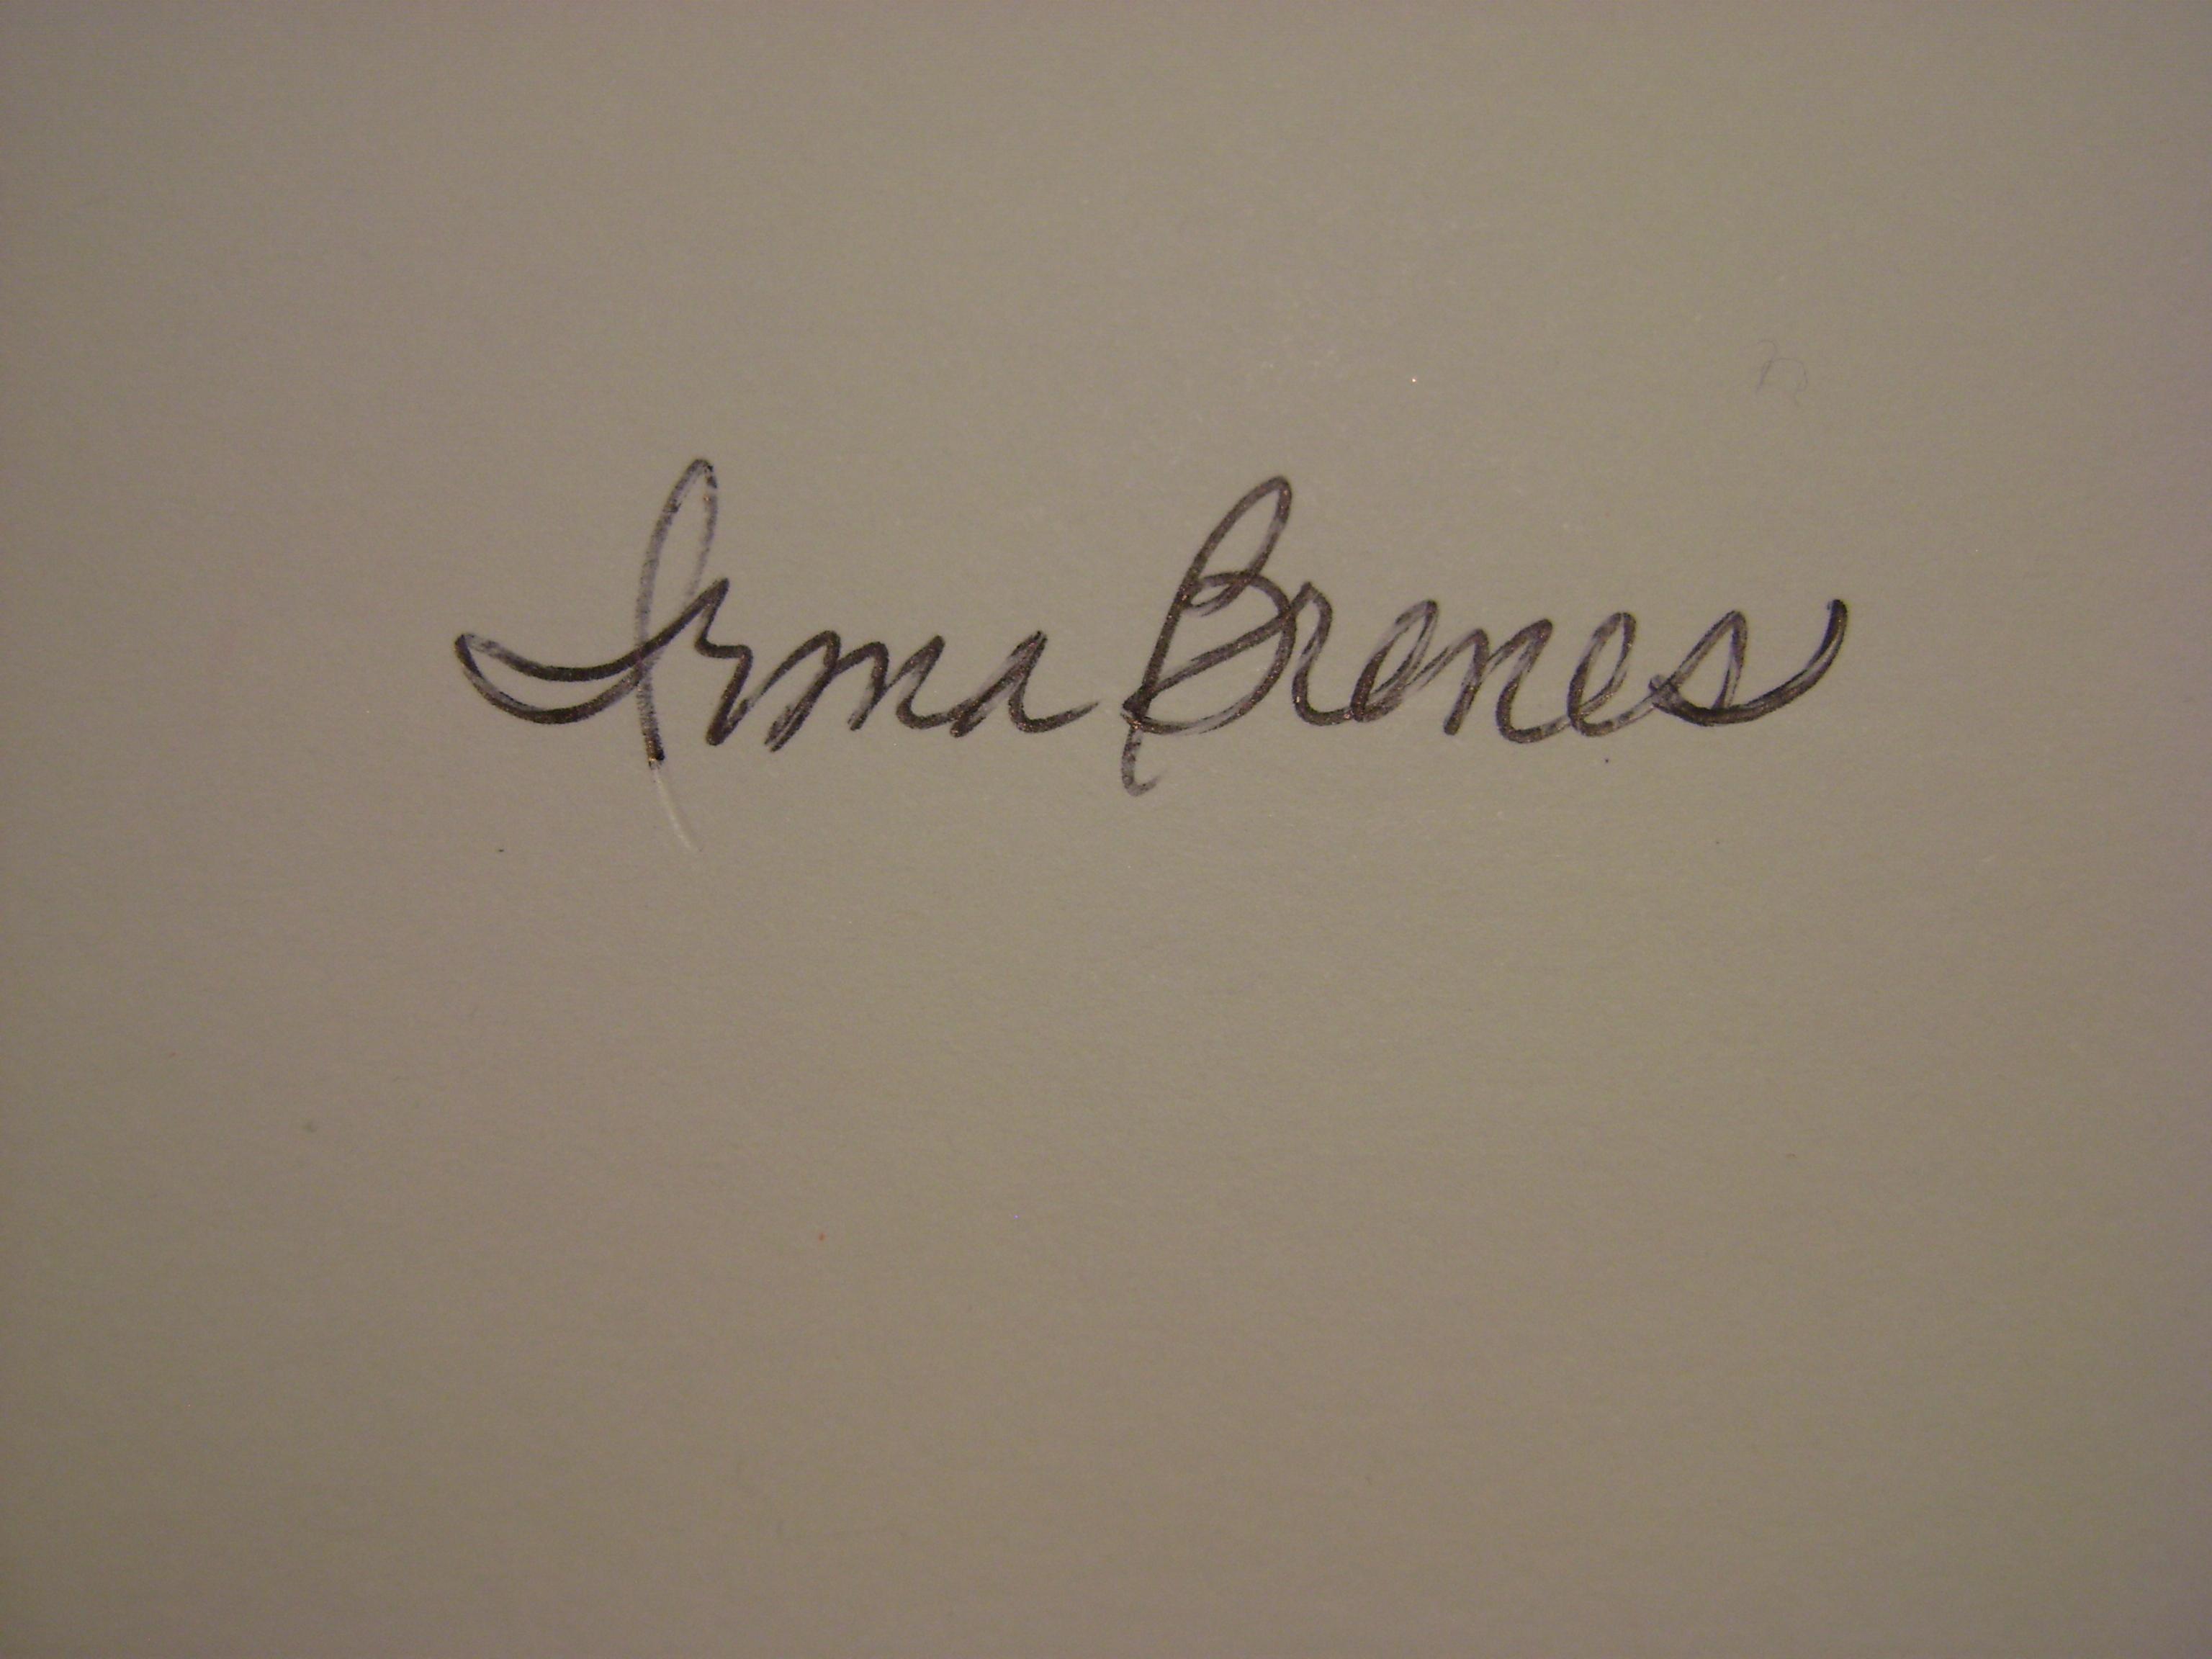 Irma Brenes's Signature